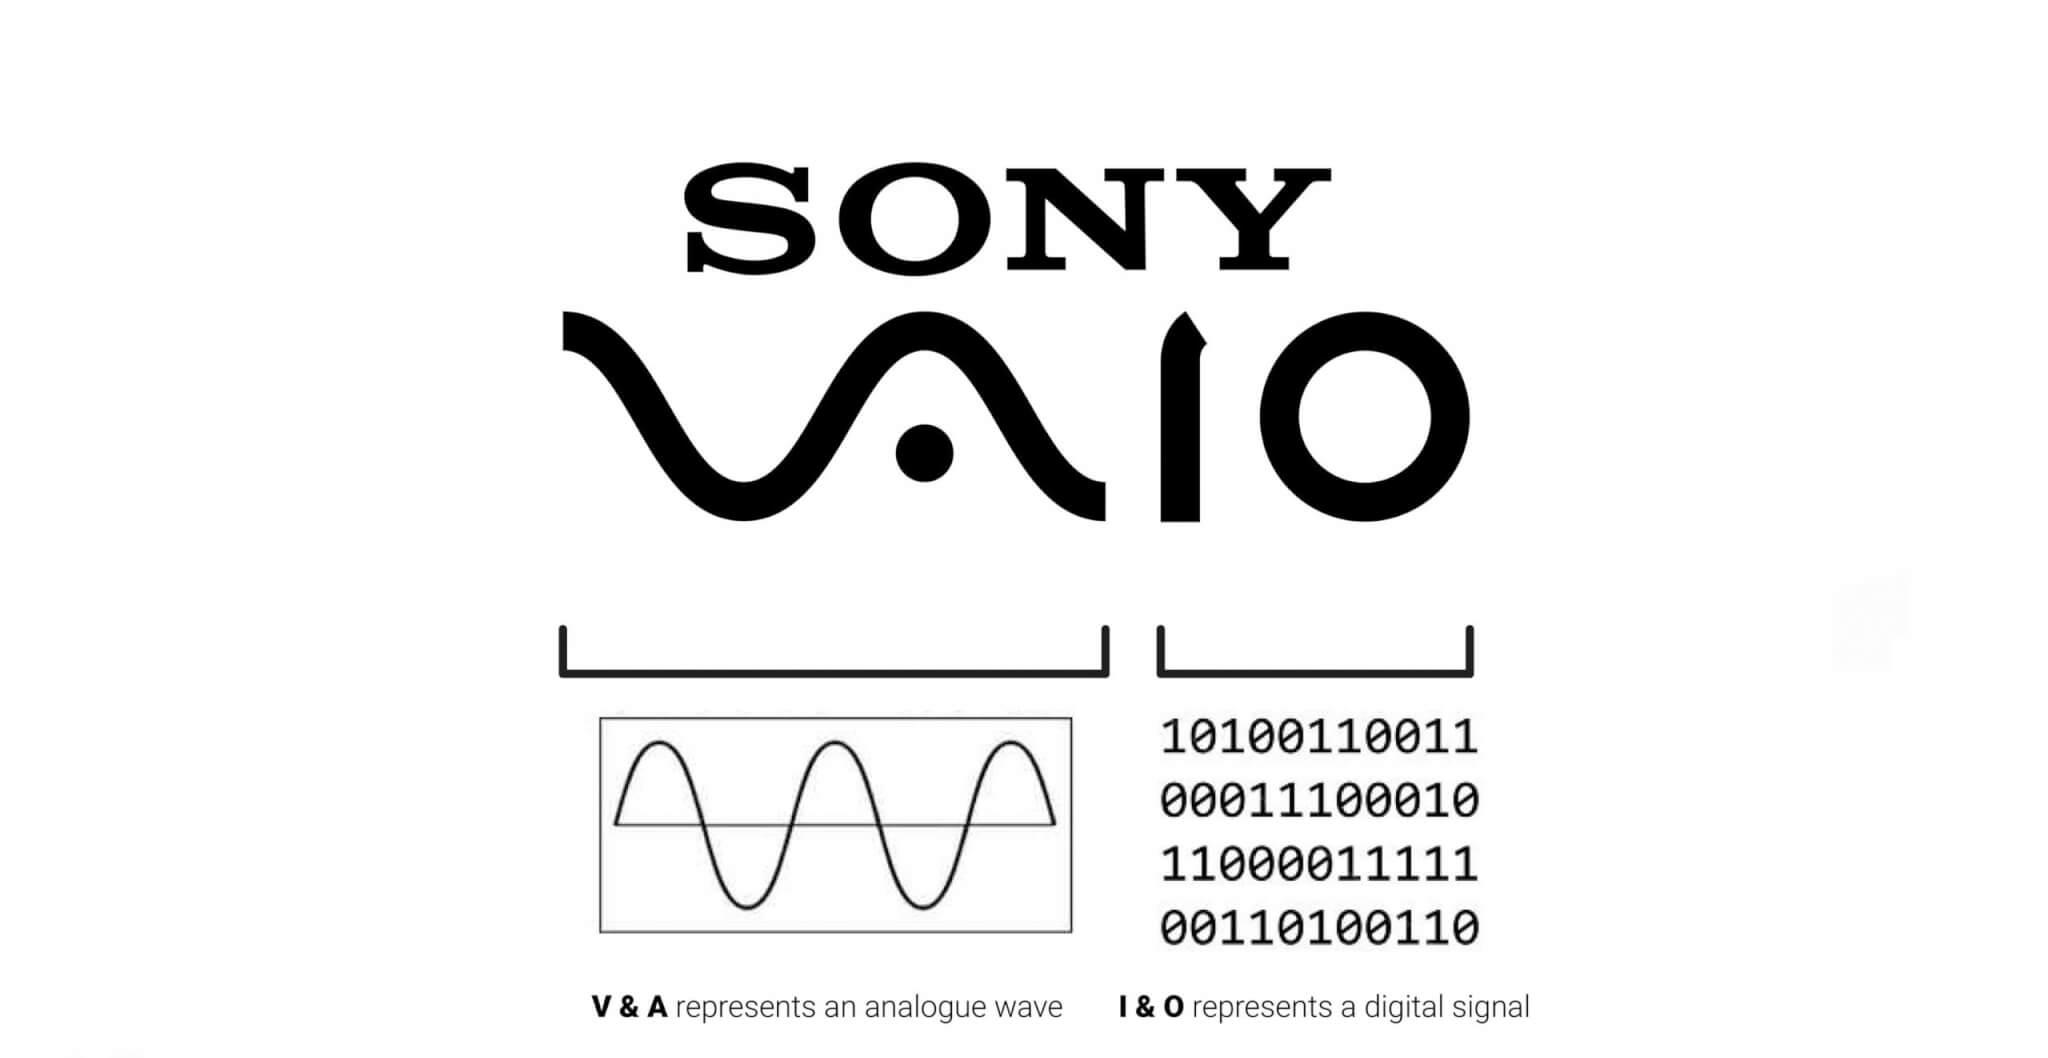 سیگنال آنالوگ و دیجیتال